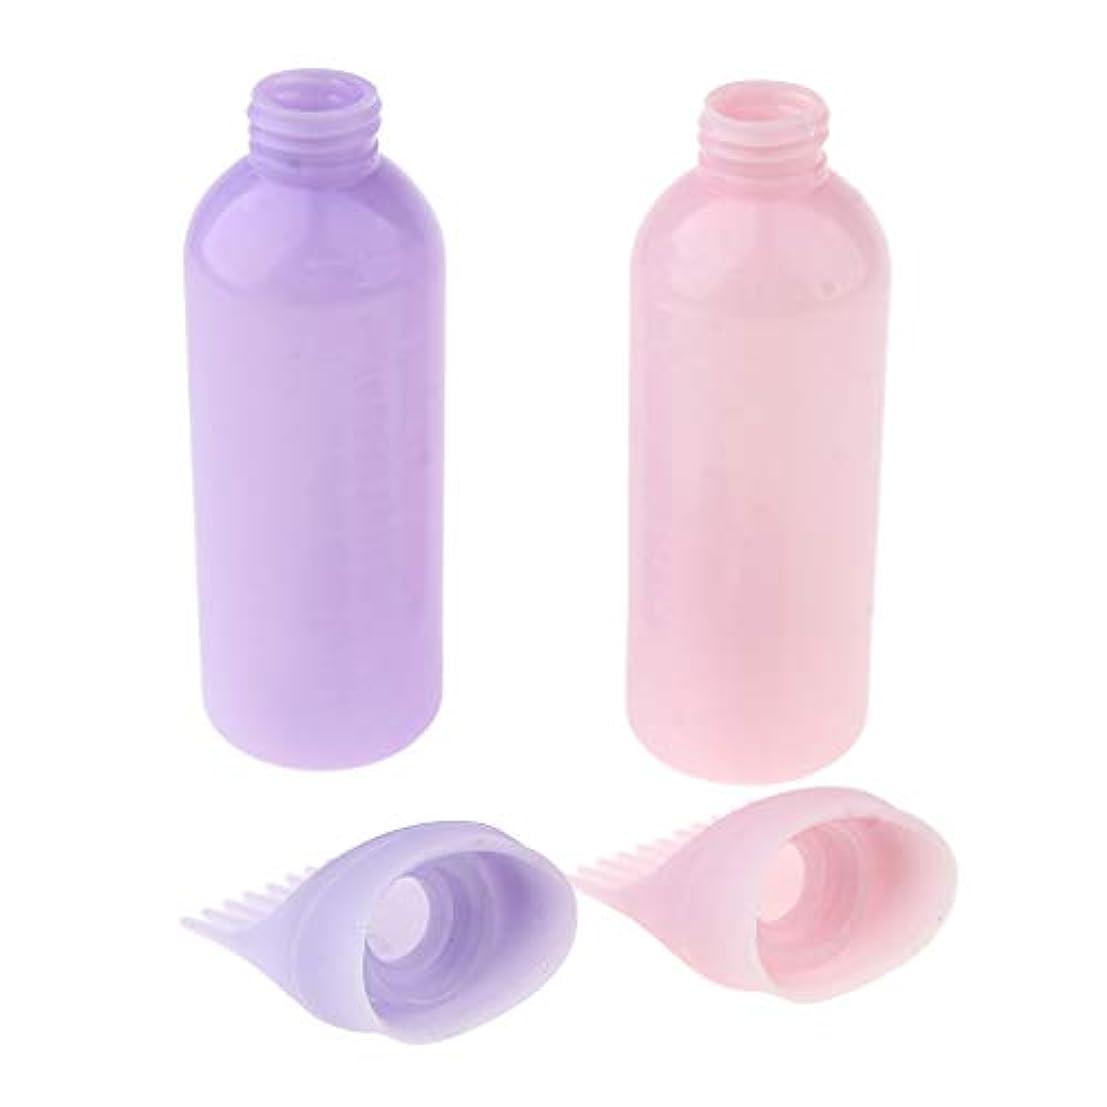 させる突然の上向き全2点 プラスチック製 着色ボトル 瓶 ヘアカラーリング用品 ヘアダイブラシ